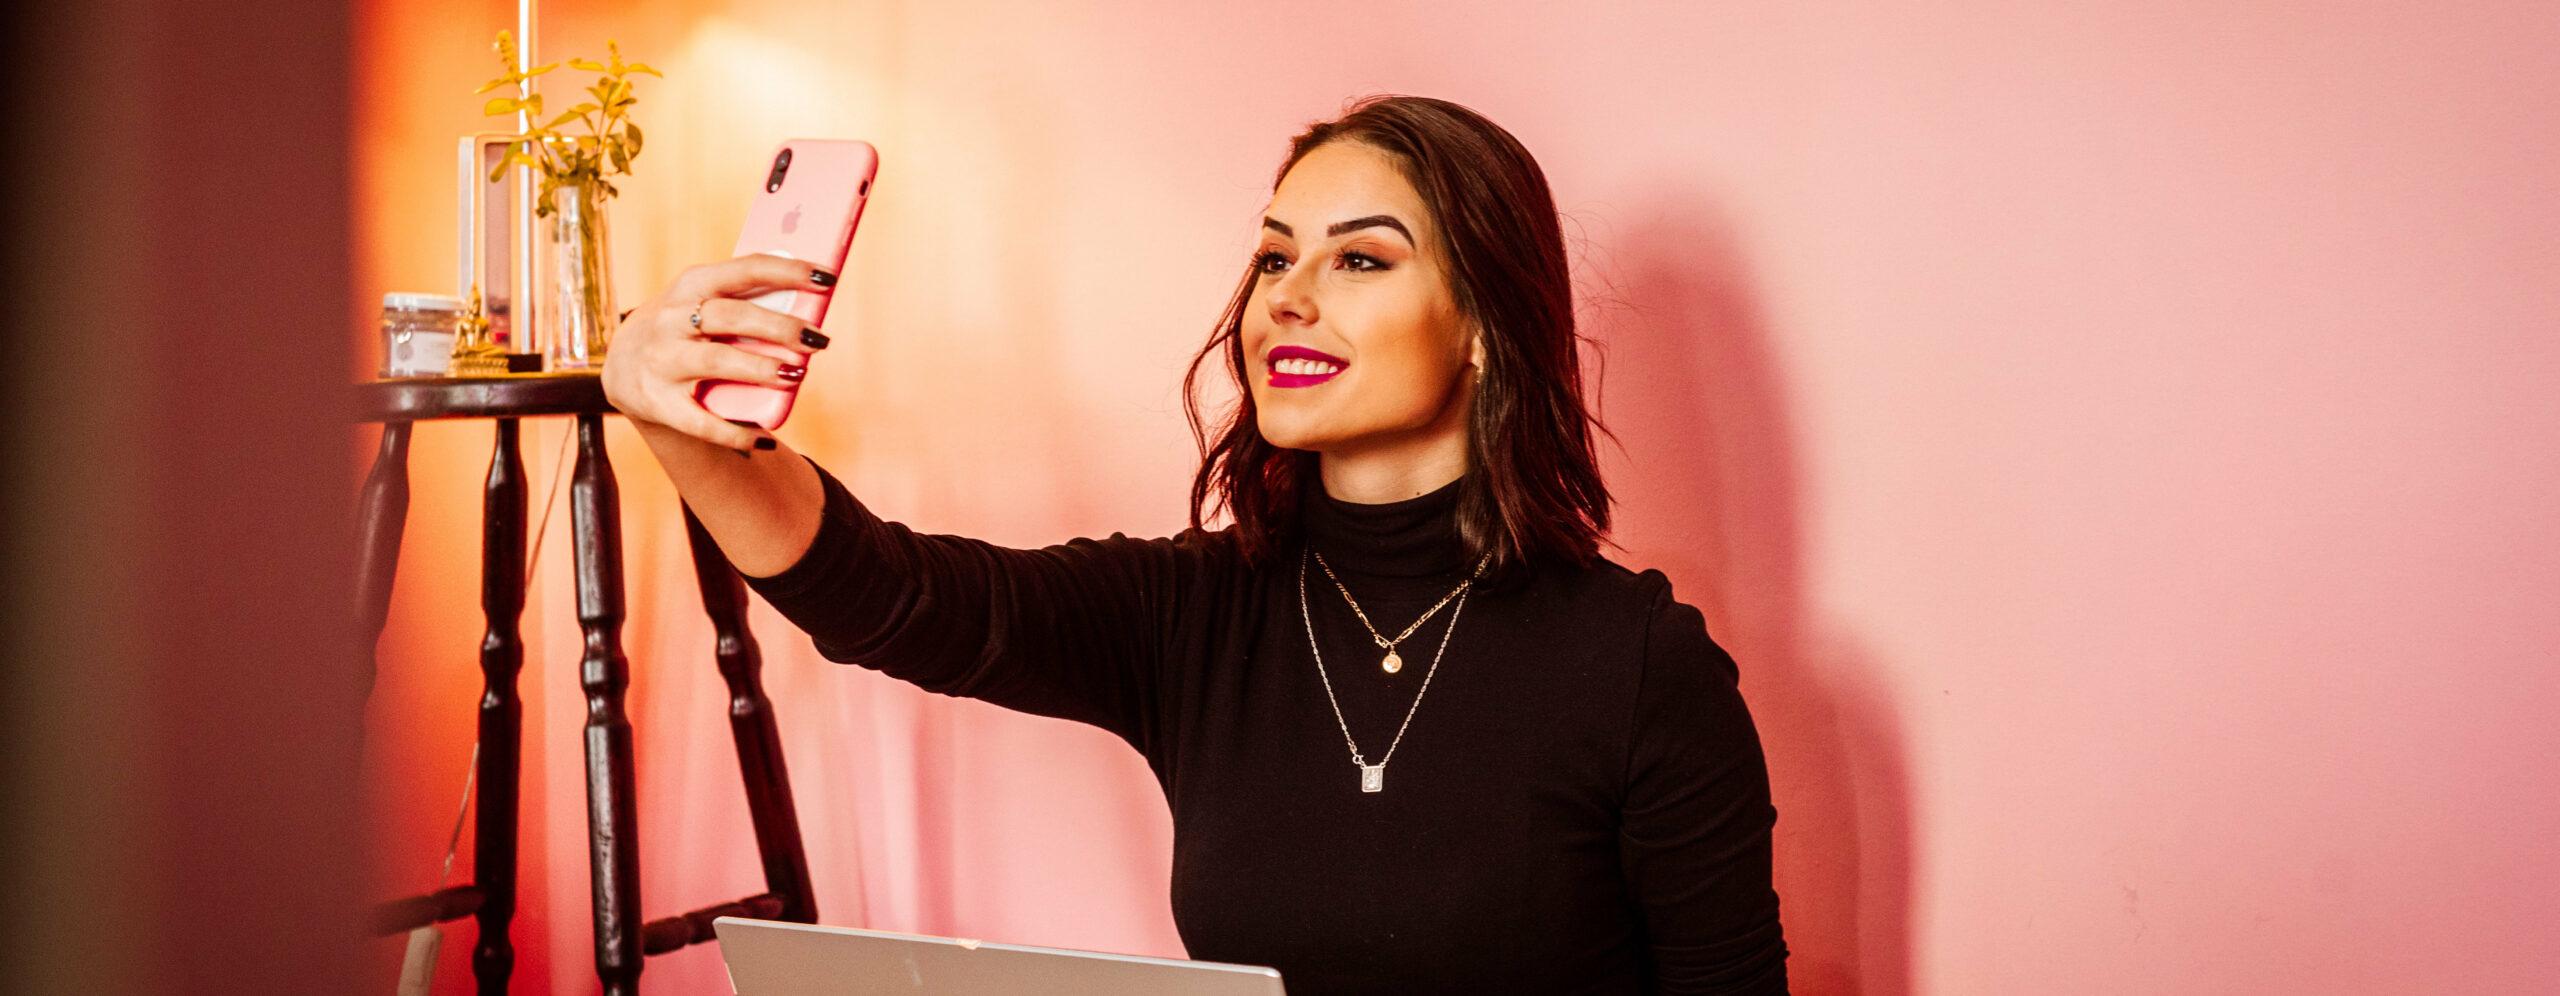 Frau hält ein Smartphone und macht ein Selfie